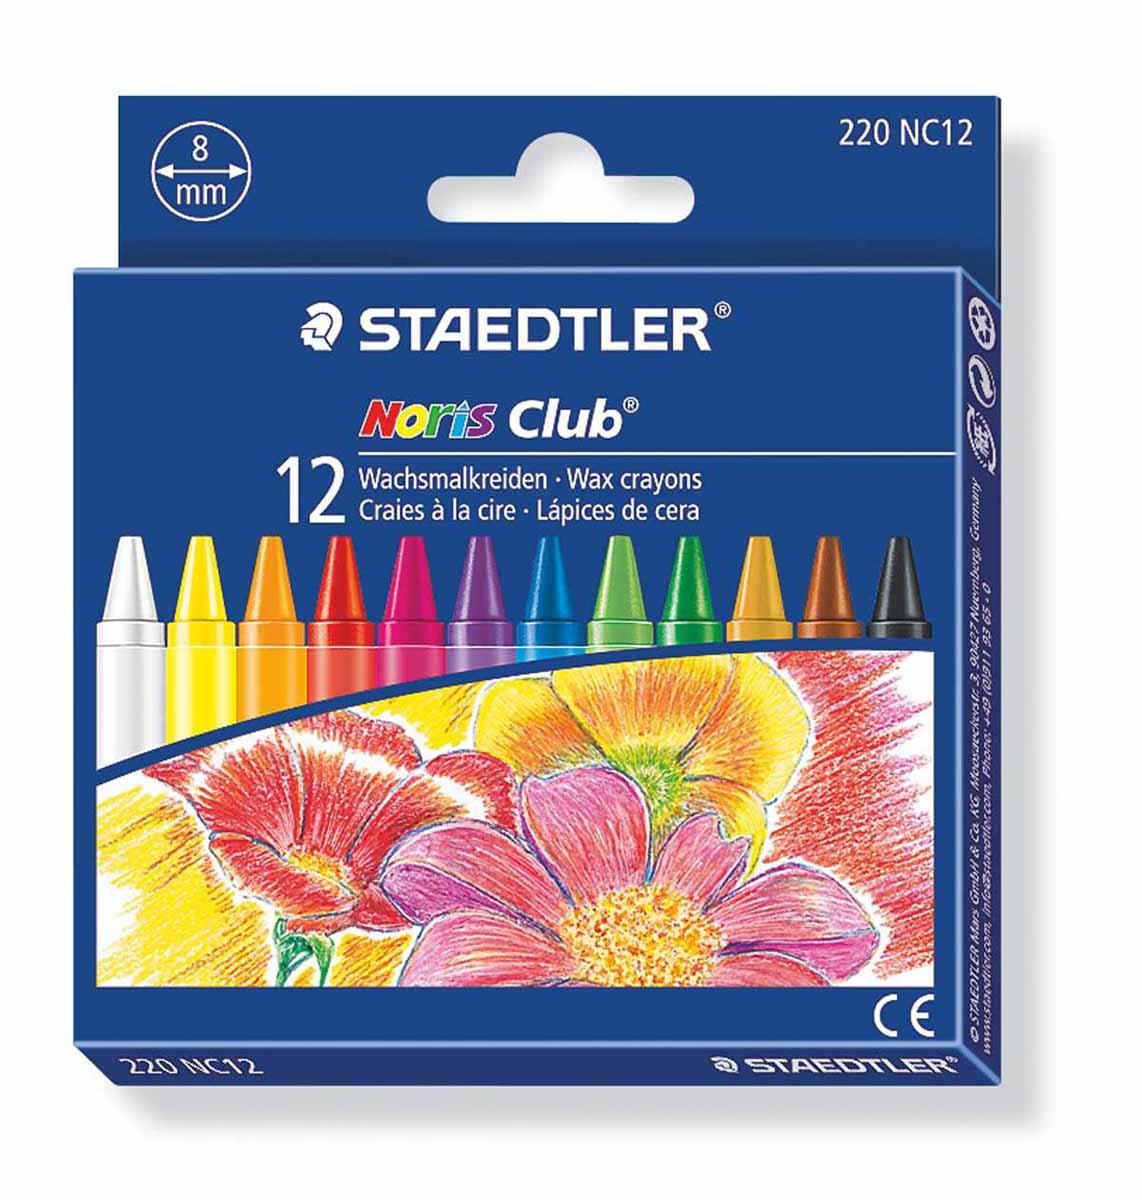 Staedtler Набор восковых мелков Noris Club 12 цветов220NC1203Набор восковых мелков Staedtler Noris Club содержит 12 ярких насыщенных цветов и оттенков. Мелки предназначены для рисования по бумаге, картону, стеклу, керамике, пластику. Не токсичны и абсолютно безопасны. Каждый мелок обернут в бумажную гильзу. Диаметр каждого мелка - 8 мм.